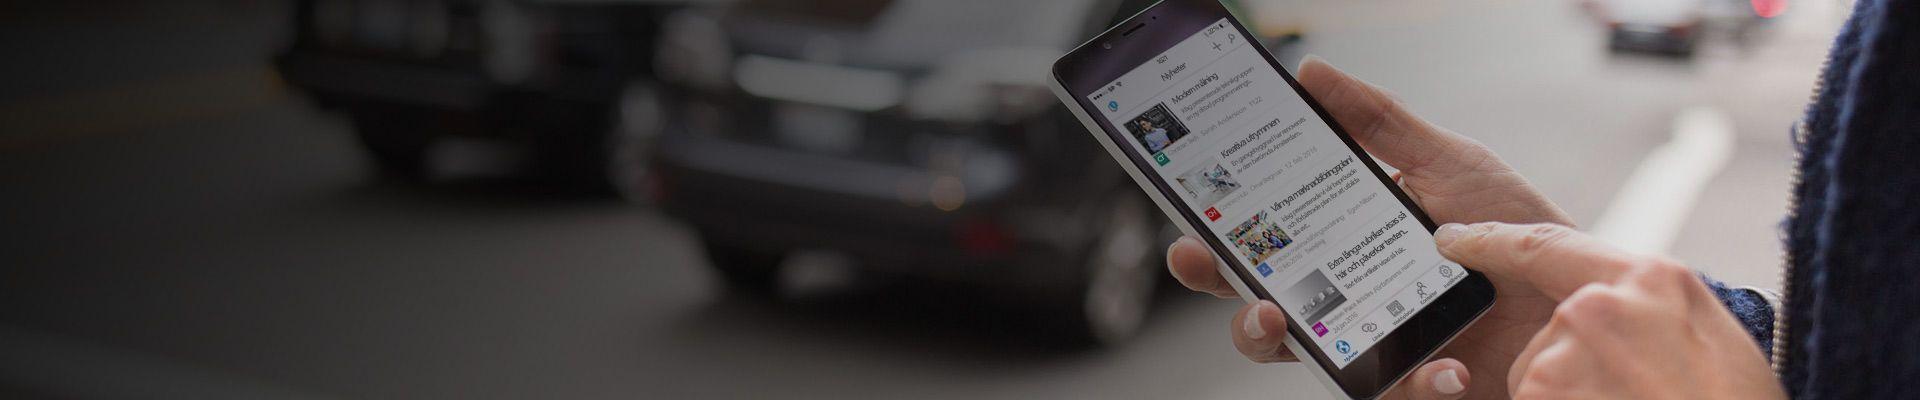 En smartphone som visar nyheter i SharePoint från webbplatser